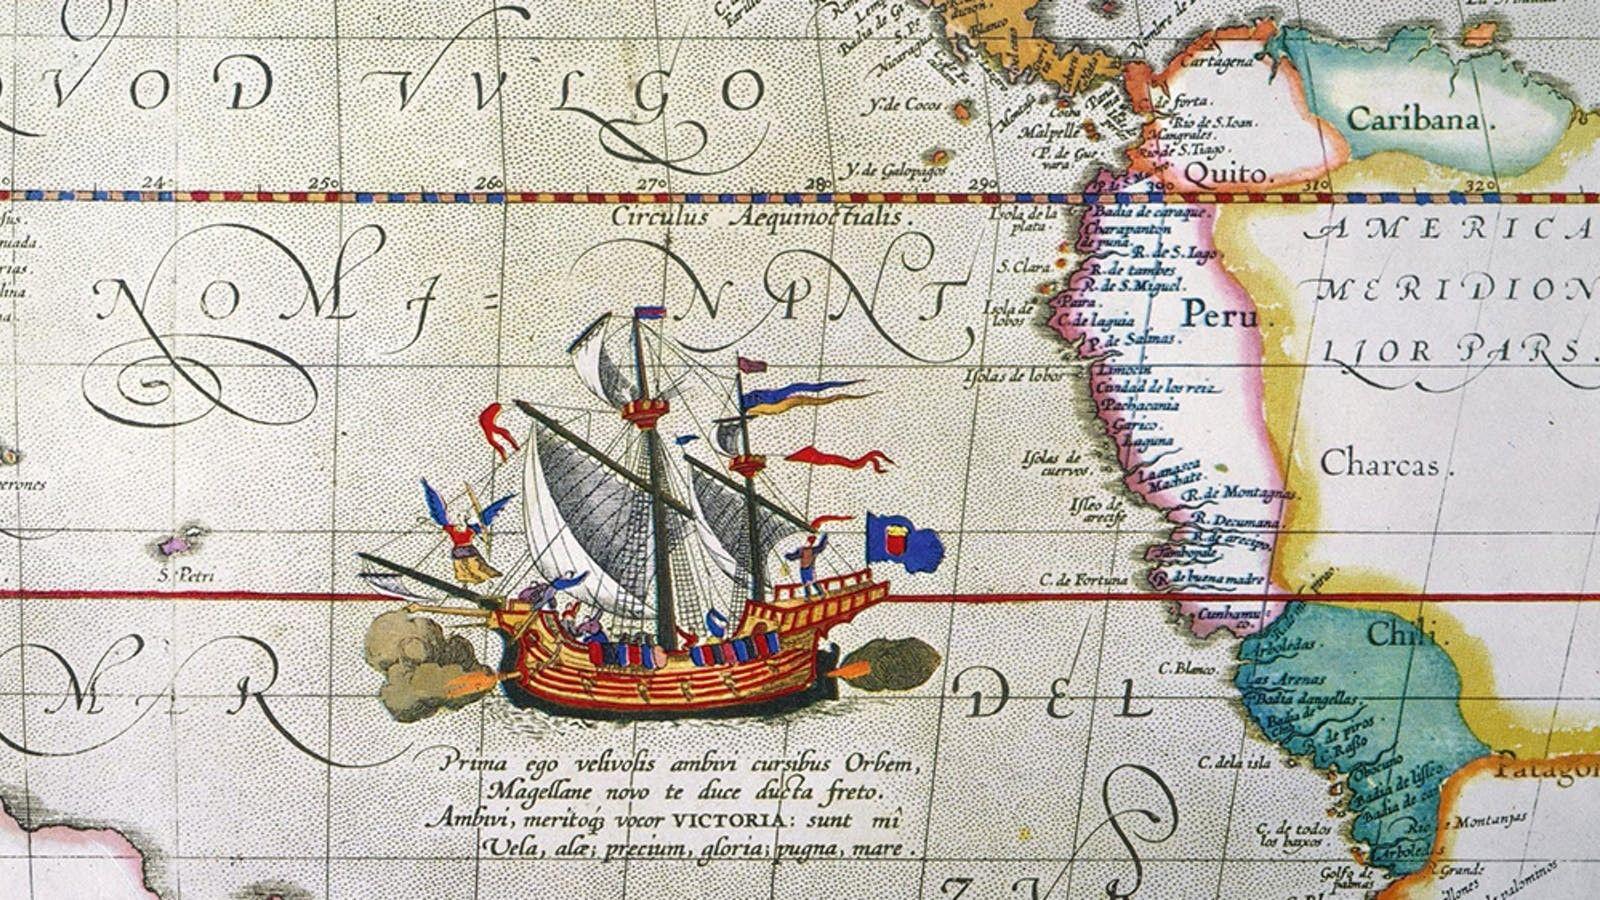 Magellan a-t-il vraiment été le premier à faire le tour du monde ? | National Geographic